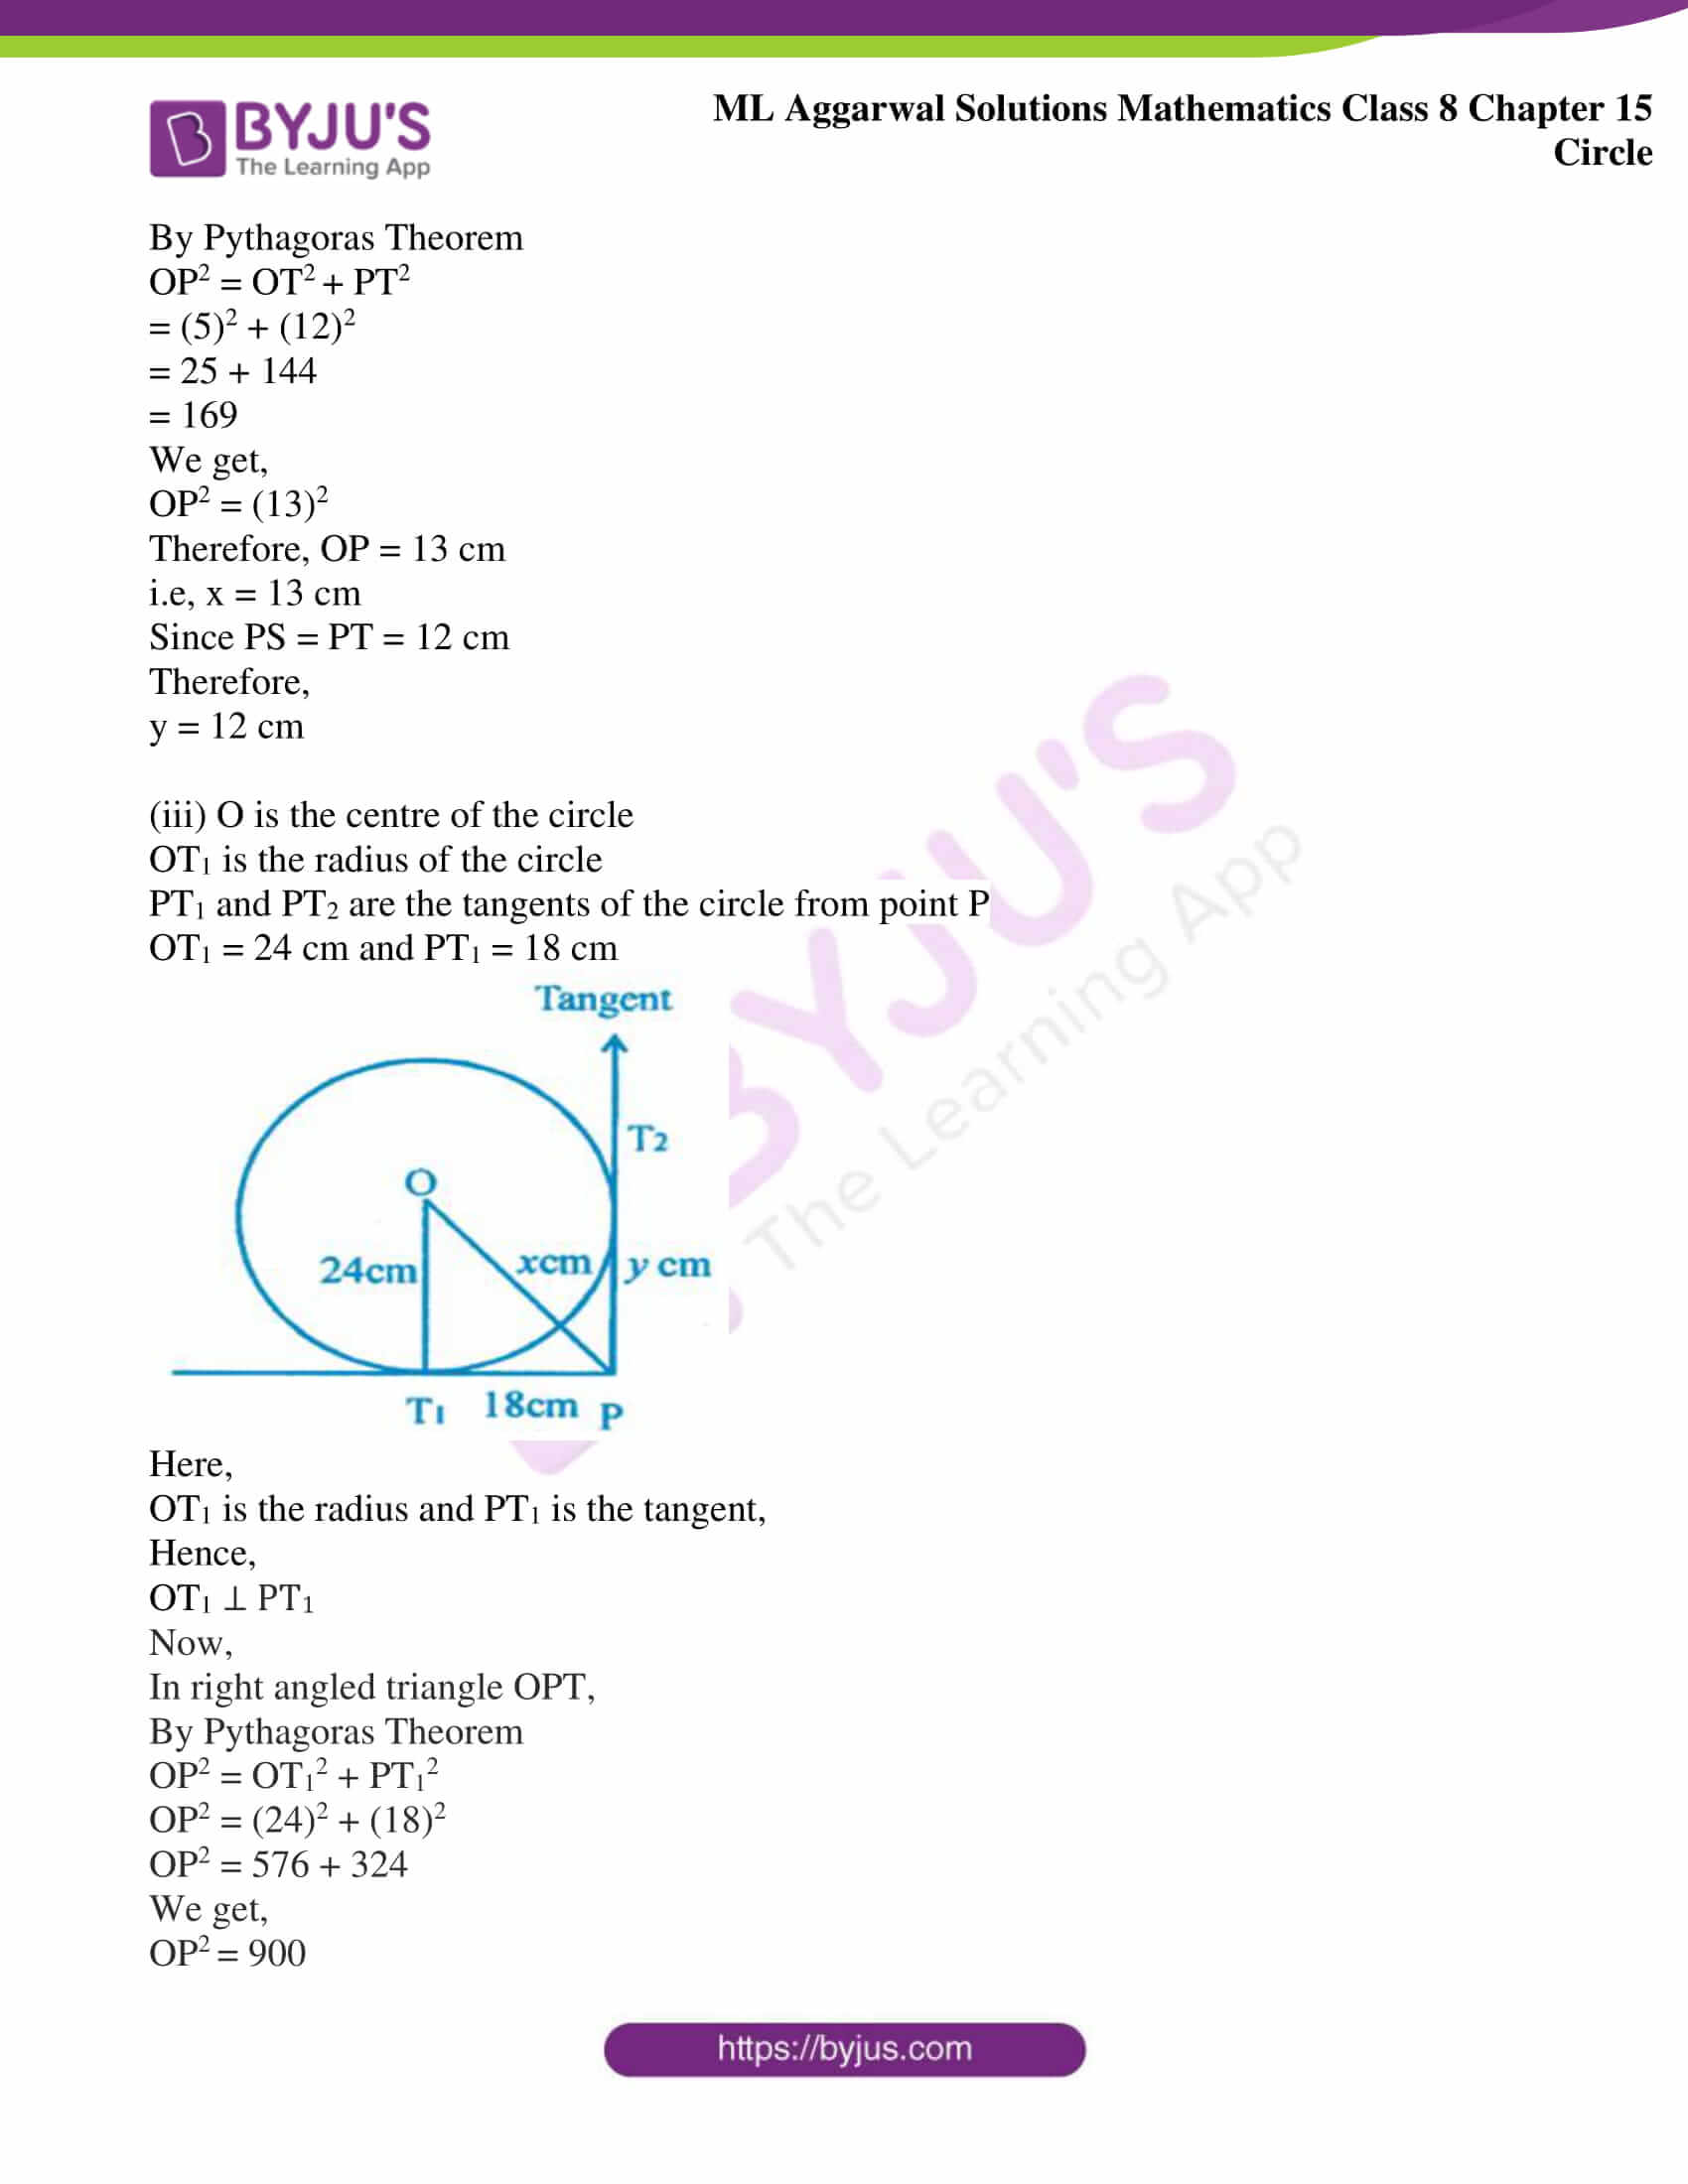 ml aggarwal sol mathematics class 8 ch 15 11